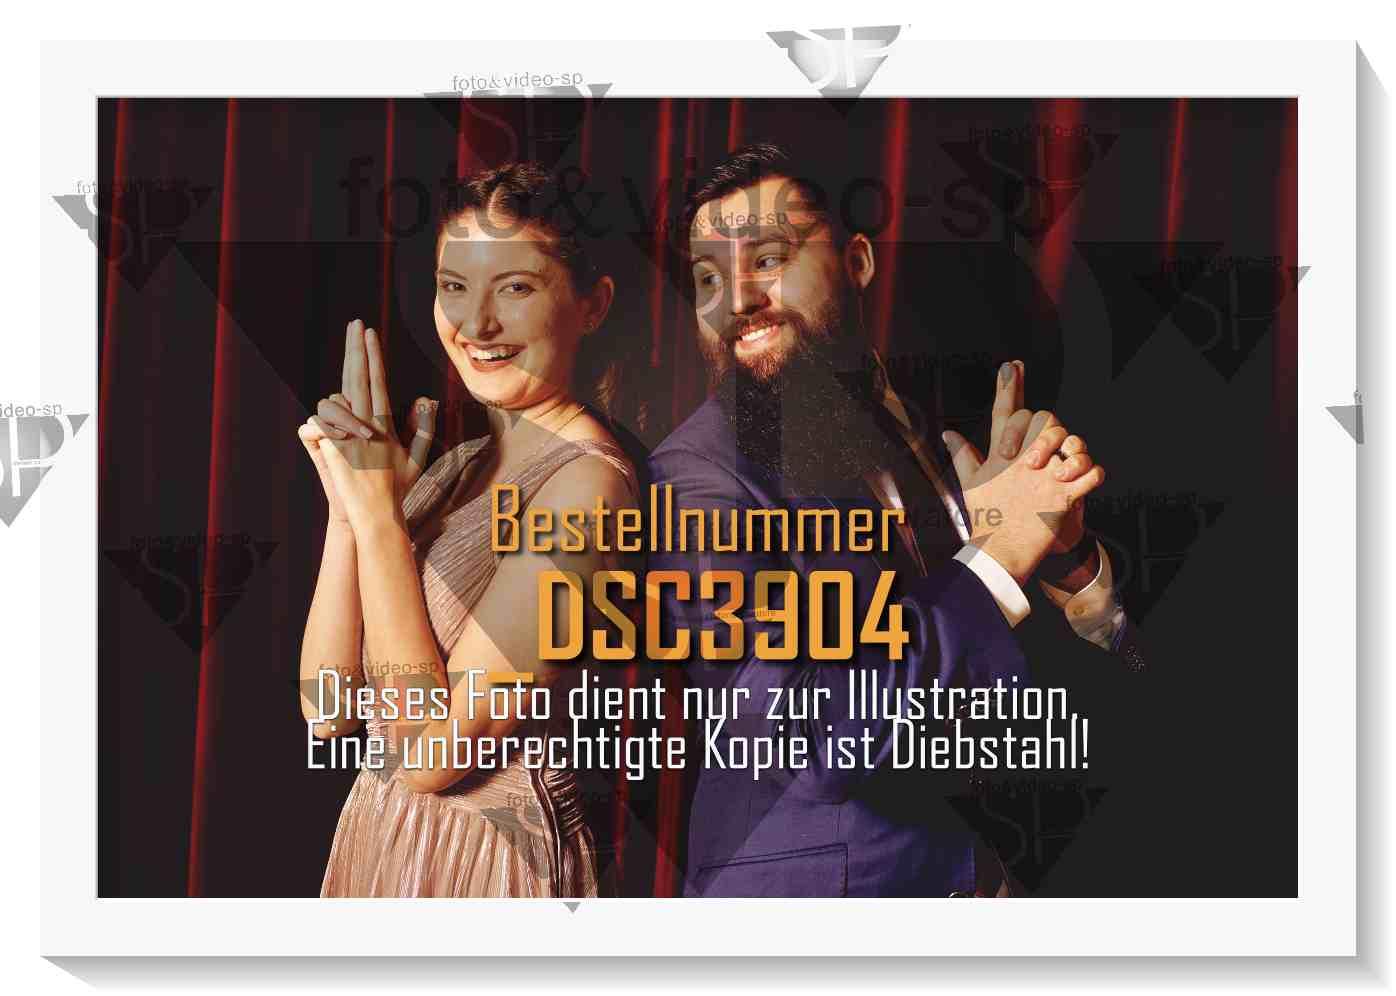 DSC3904